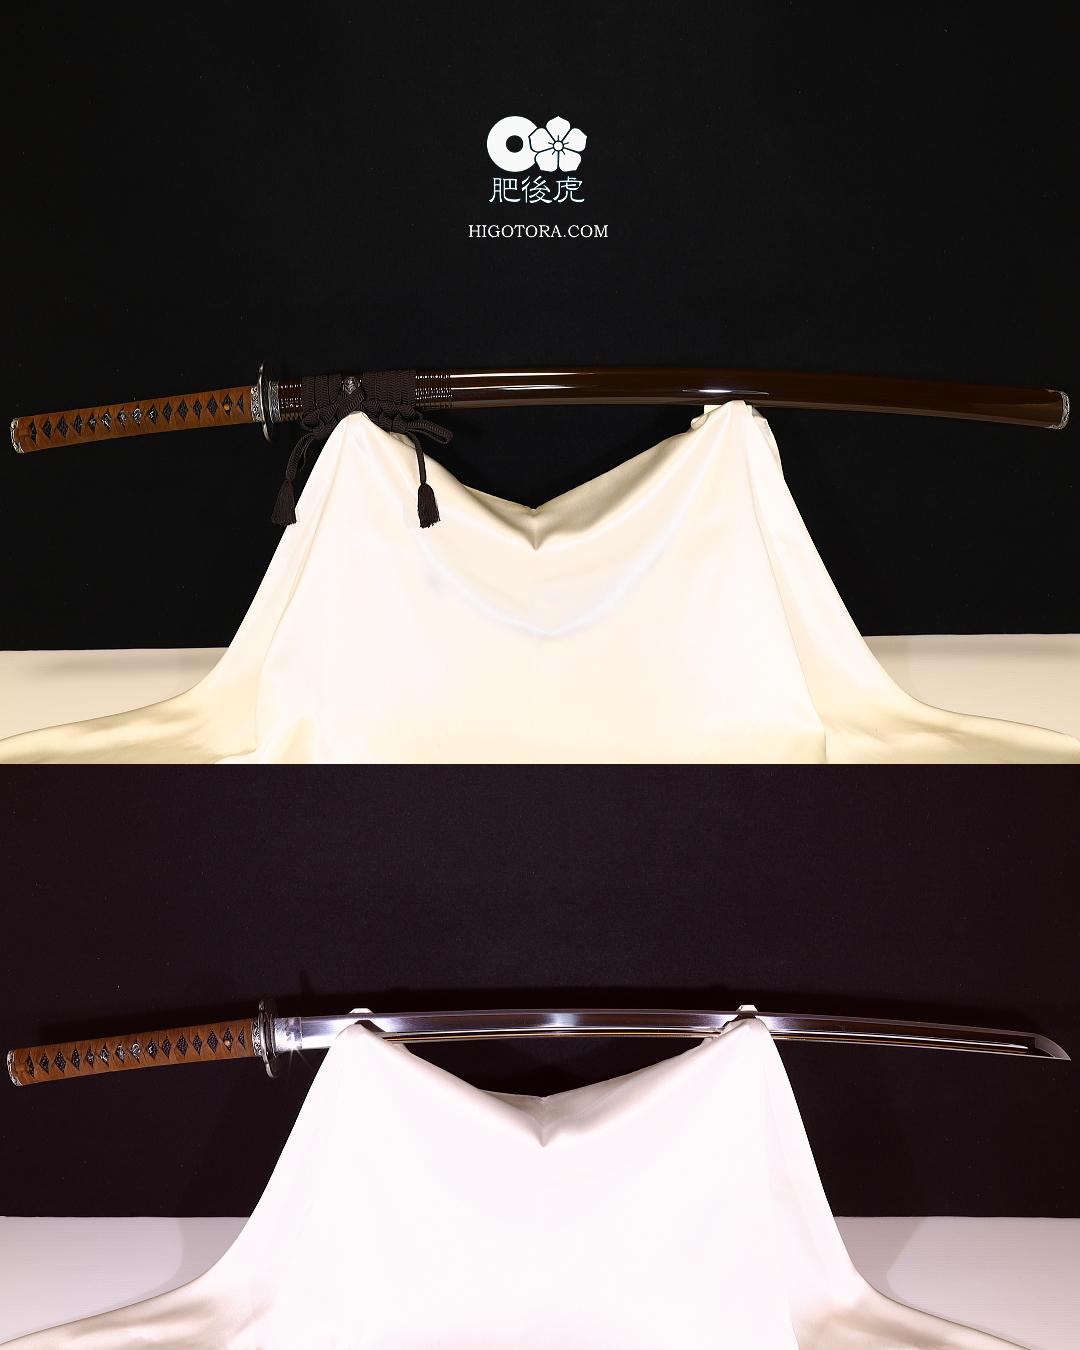 真剣諸工作例・模擬刀身に真剣の拵を誂えた一例